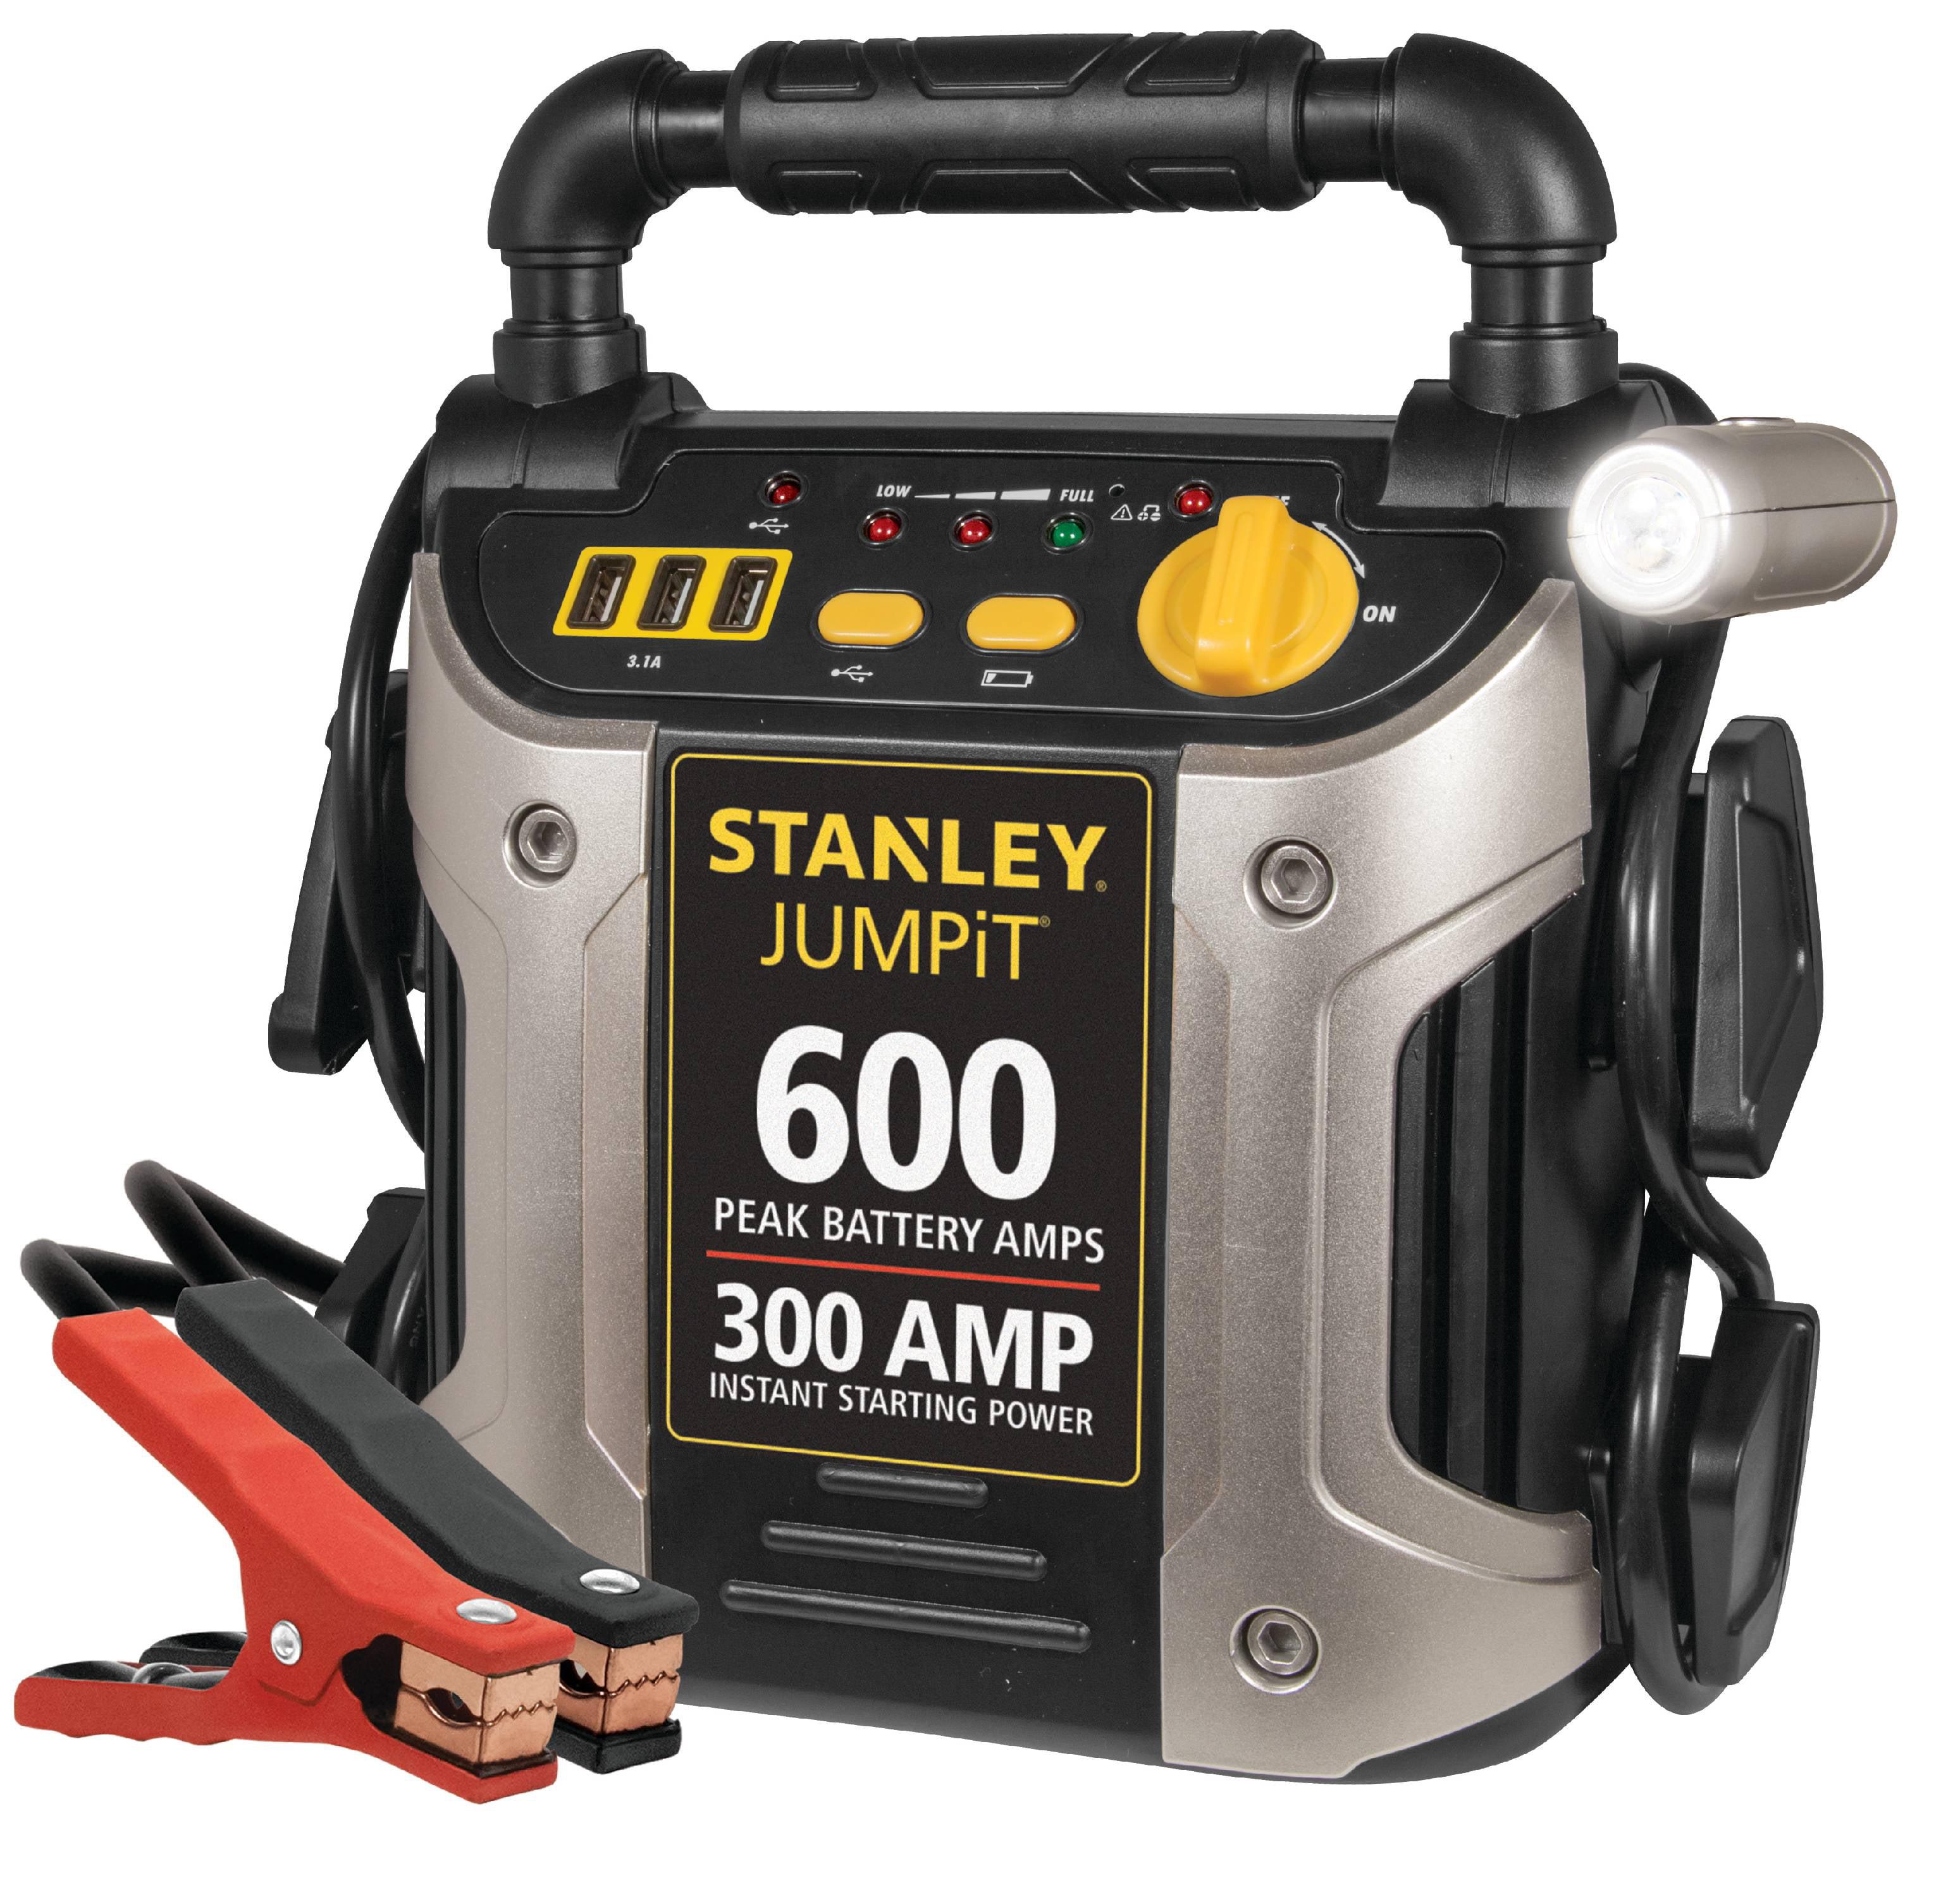 STANLEY 600/300 Amp 12V Jump Starter with LED Light and USB (J309)